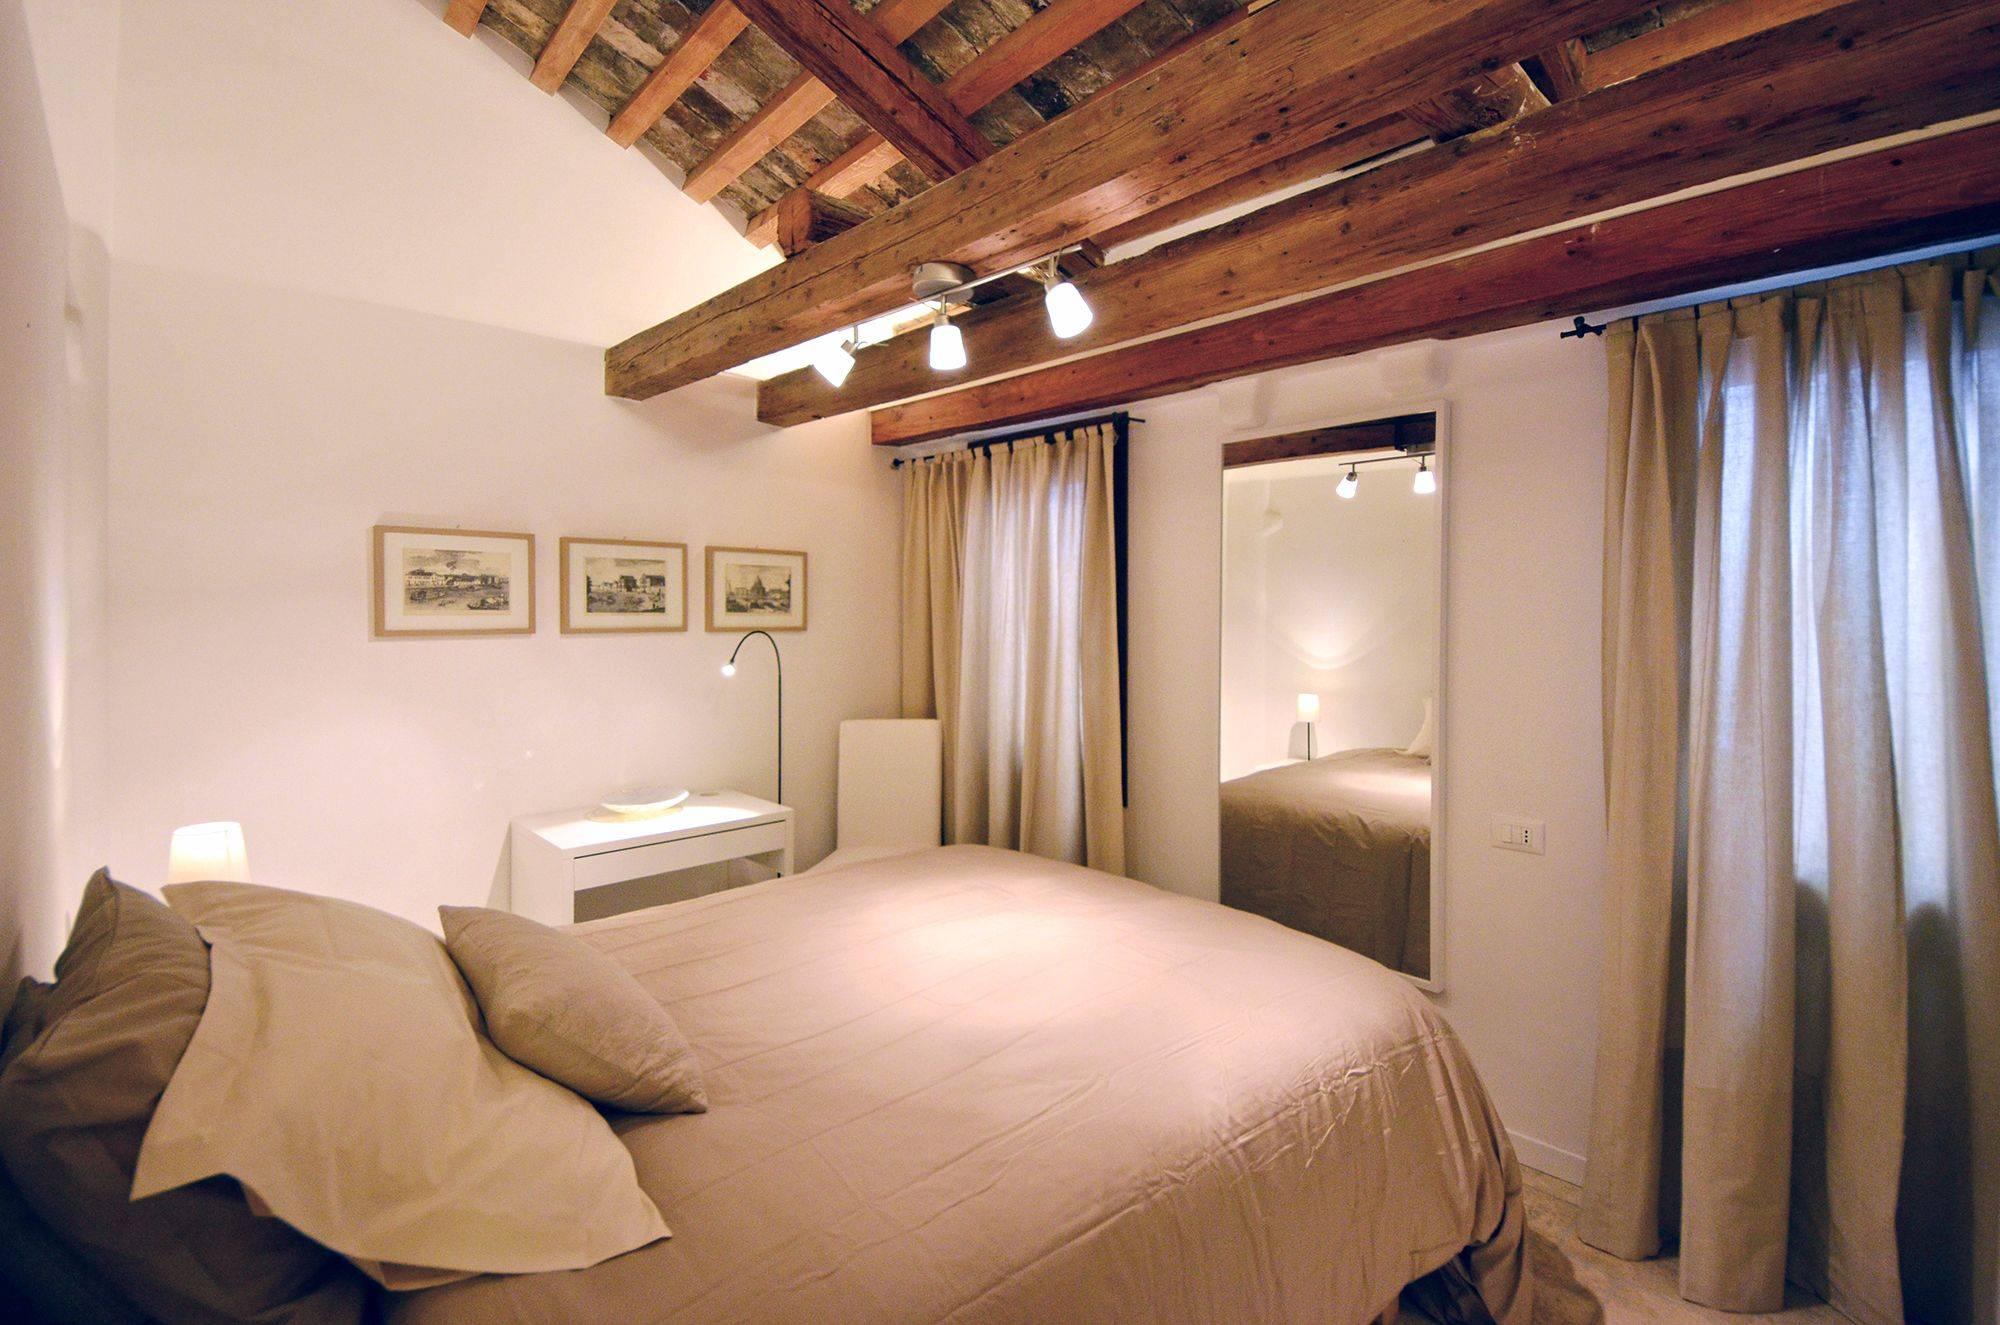 3rd floor smaller bedroom